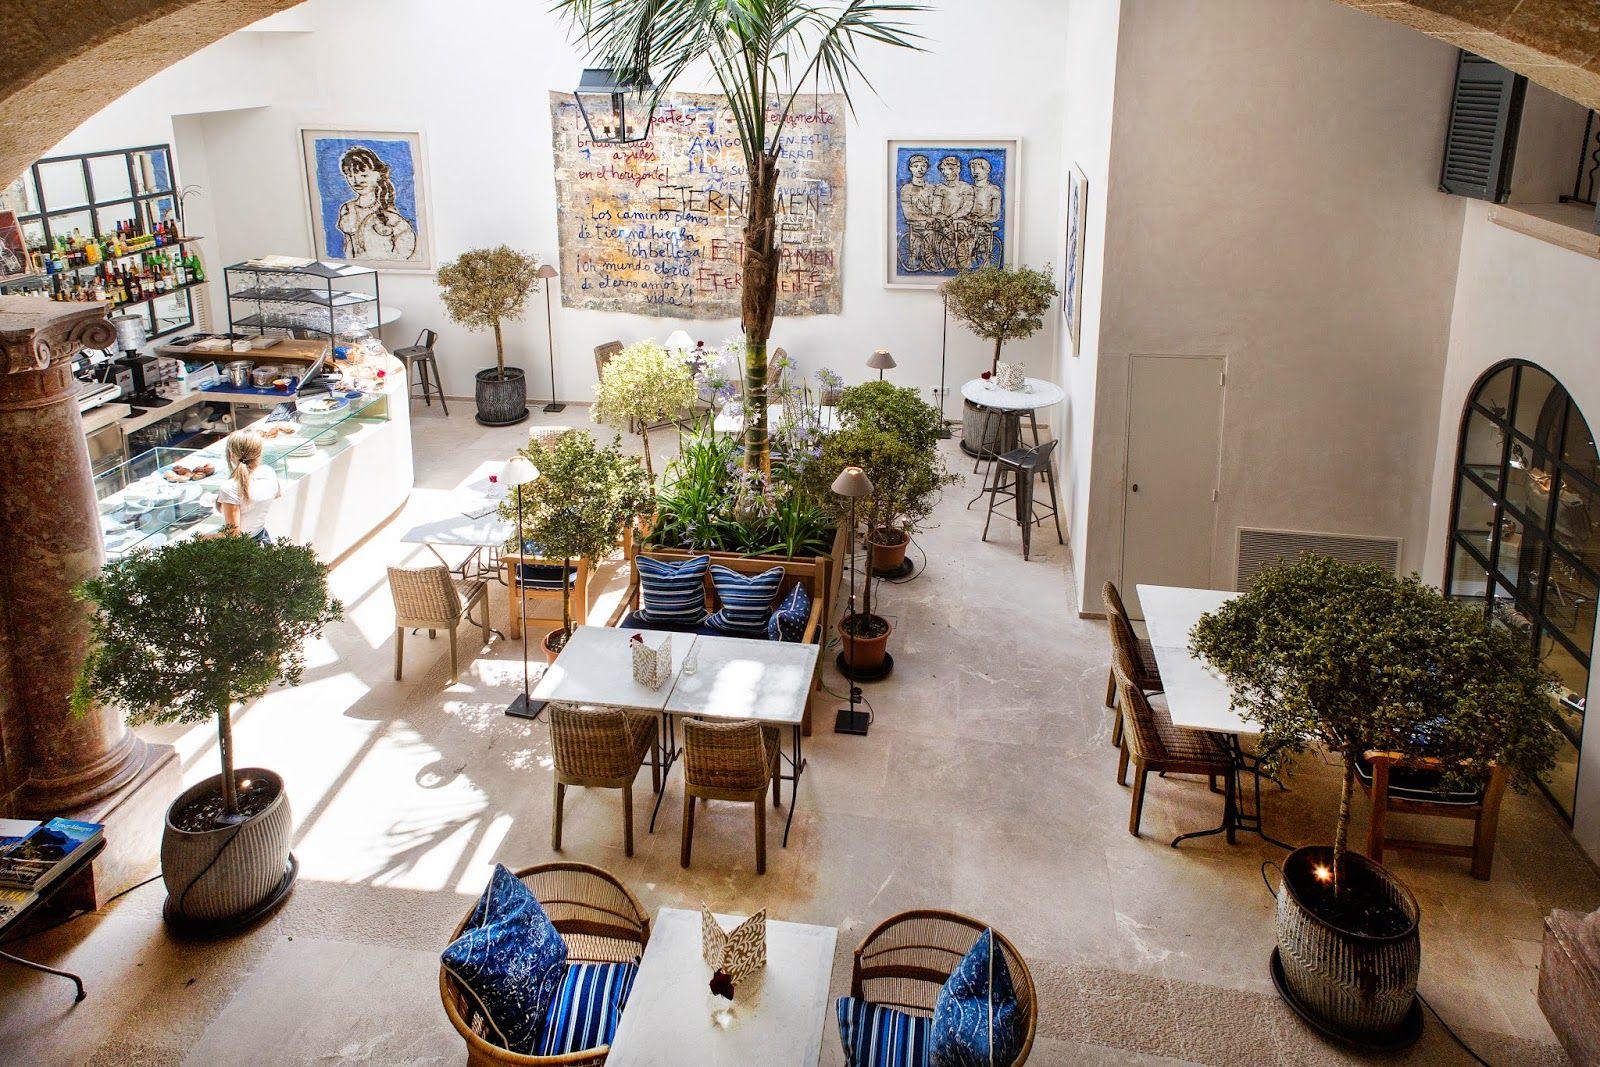 Poima proyectos avanzados de hosteler a rialto living for Restaurante jardin mallorca